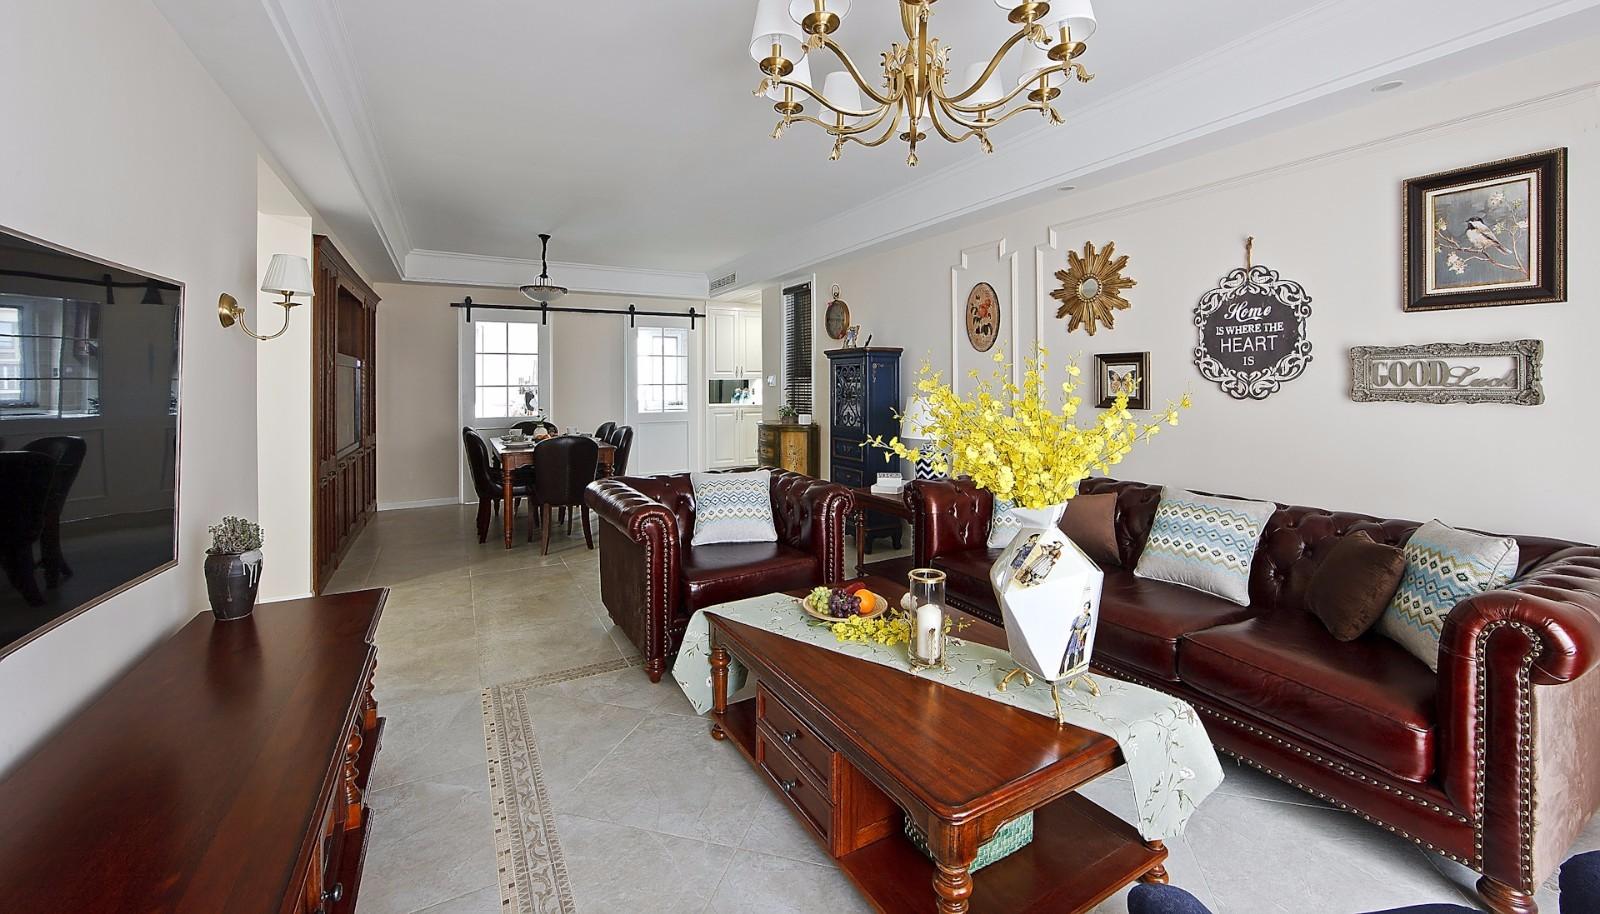 105㎡美式风格客厅装修效果图